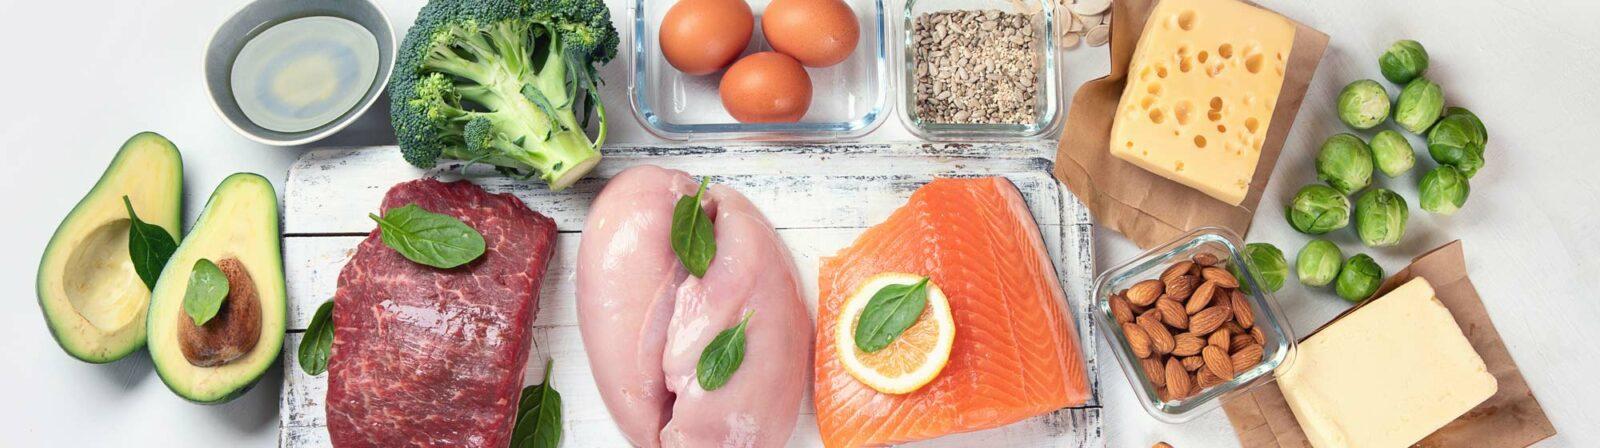 Professionelle Ernährungsberatung in Köln-Longerich, die Ihnen auch eine große Vielfalt gesunden Essens zeigt